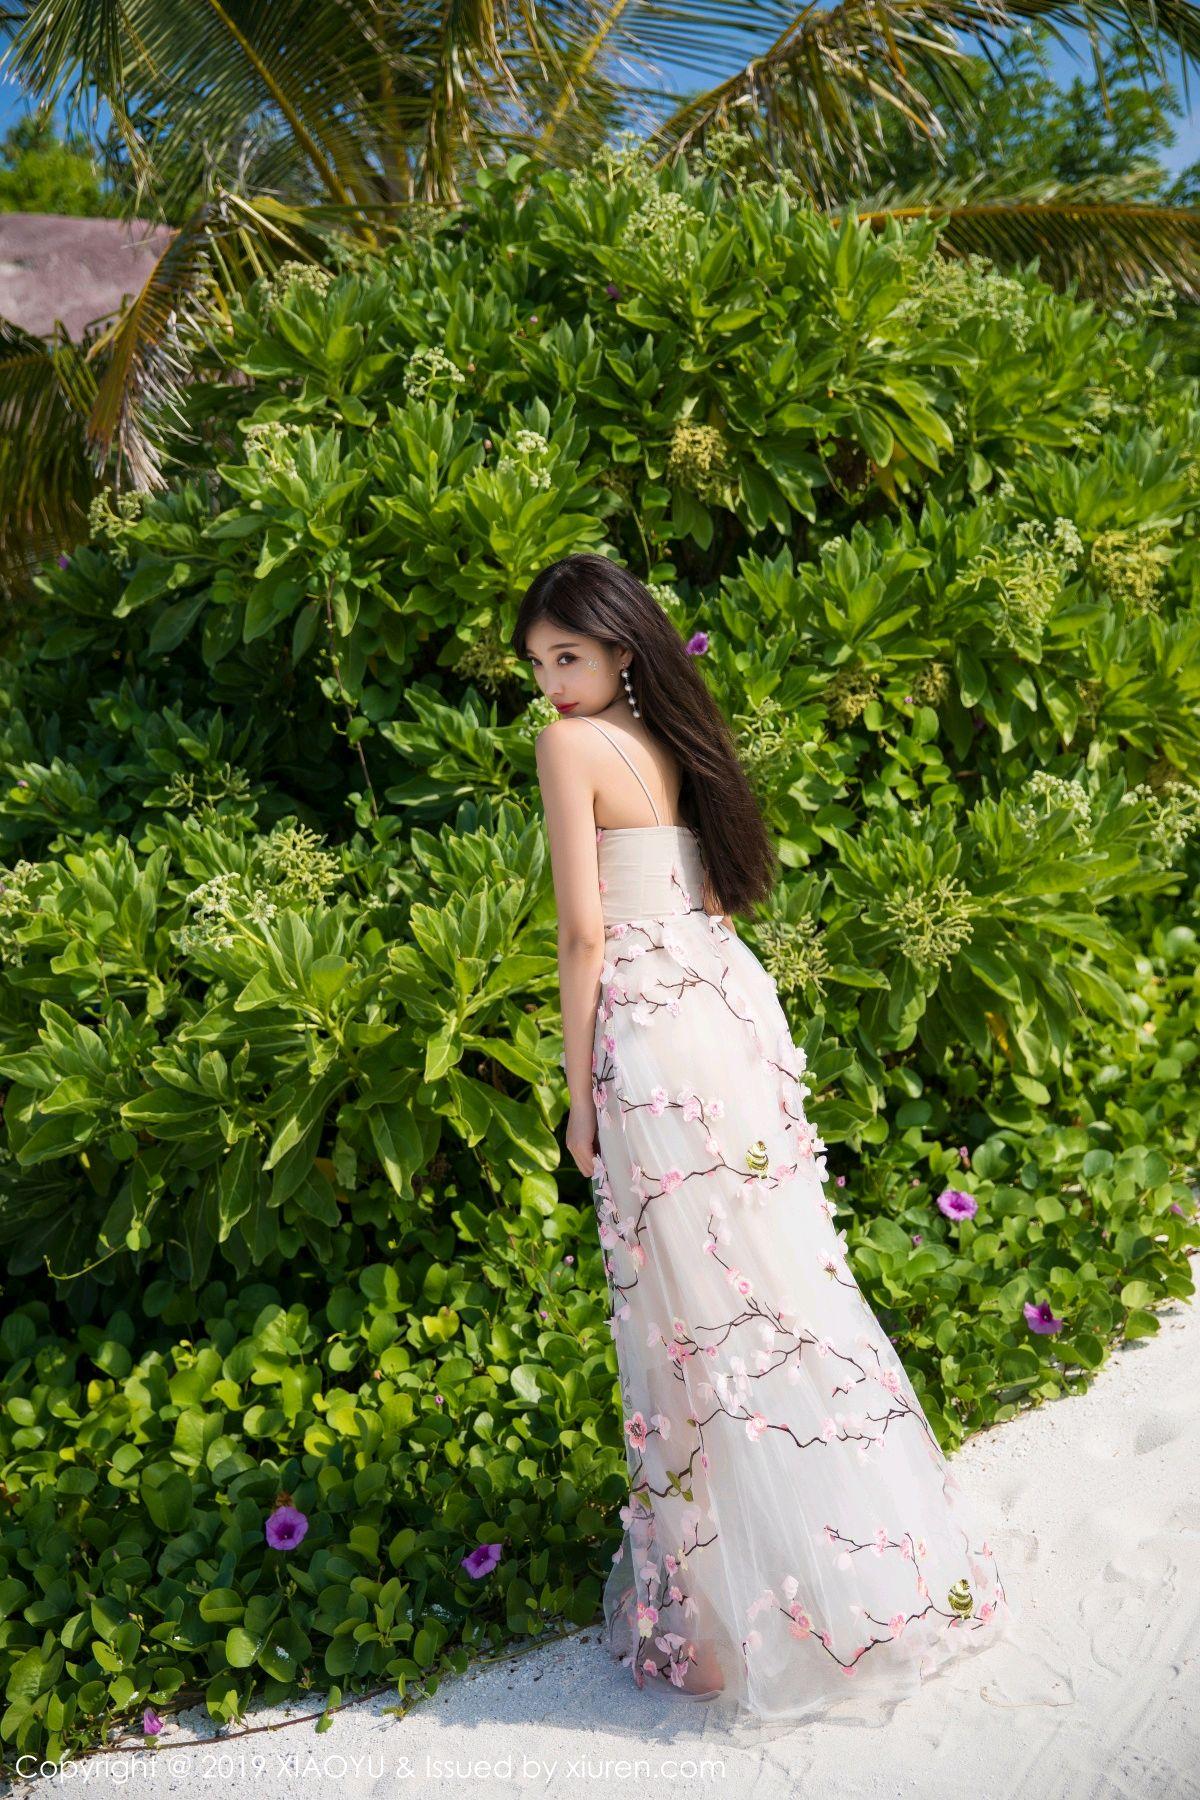 [XiaoYu] Vol.109 Yang Chen Chen 47P, Underwear, XiaoYu, Yang Chen Chen